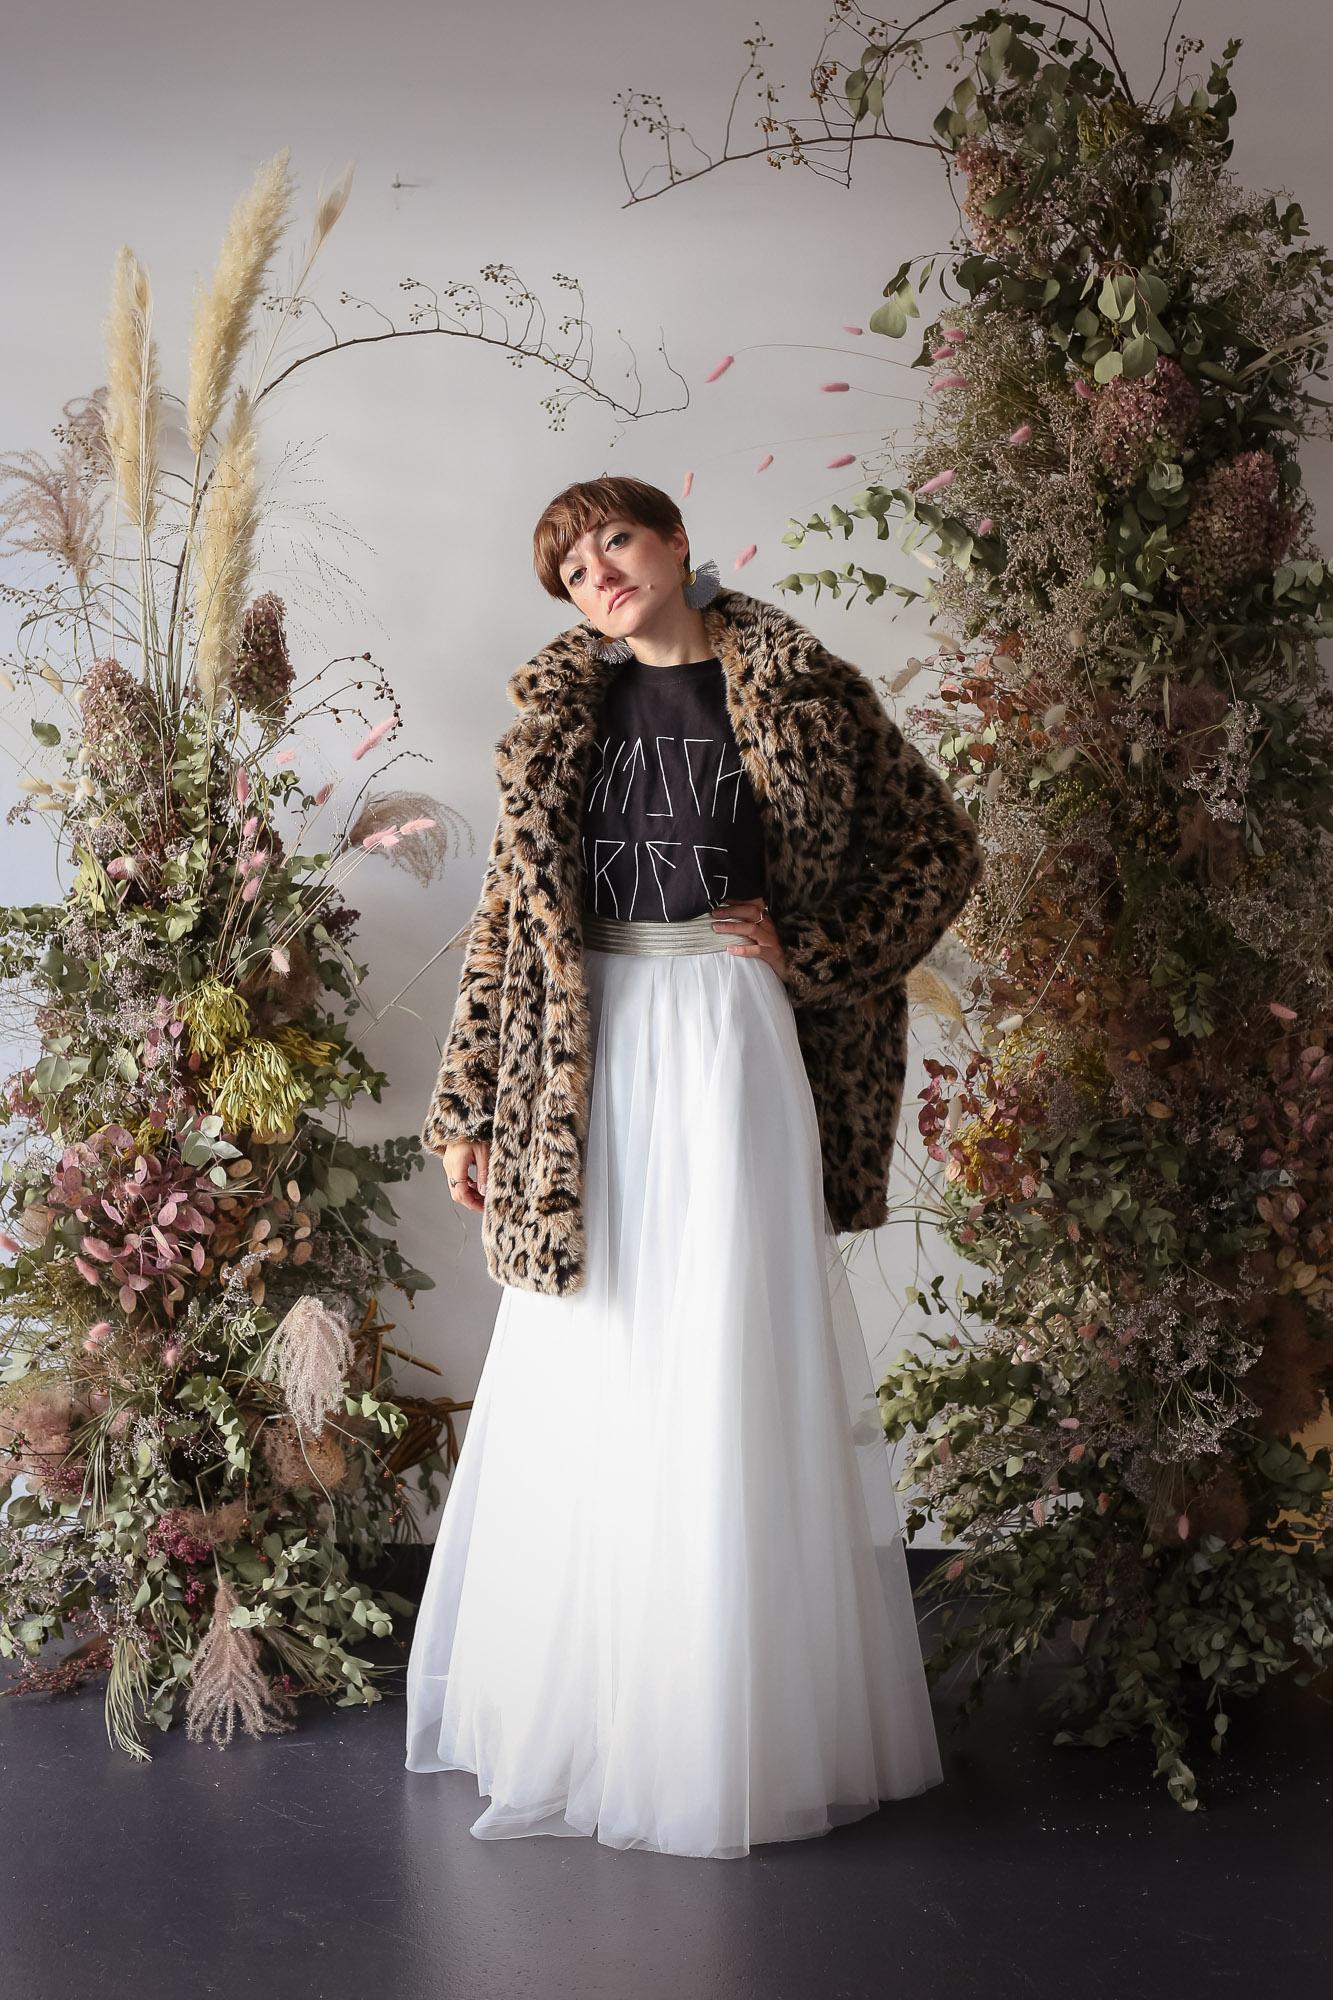 noni Brautkleider, bodenlanger Tüllrock in Ivory mit Mantel in Leopardenfell-Optik und T-Shirt